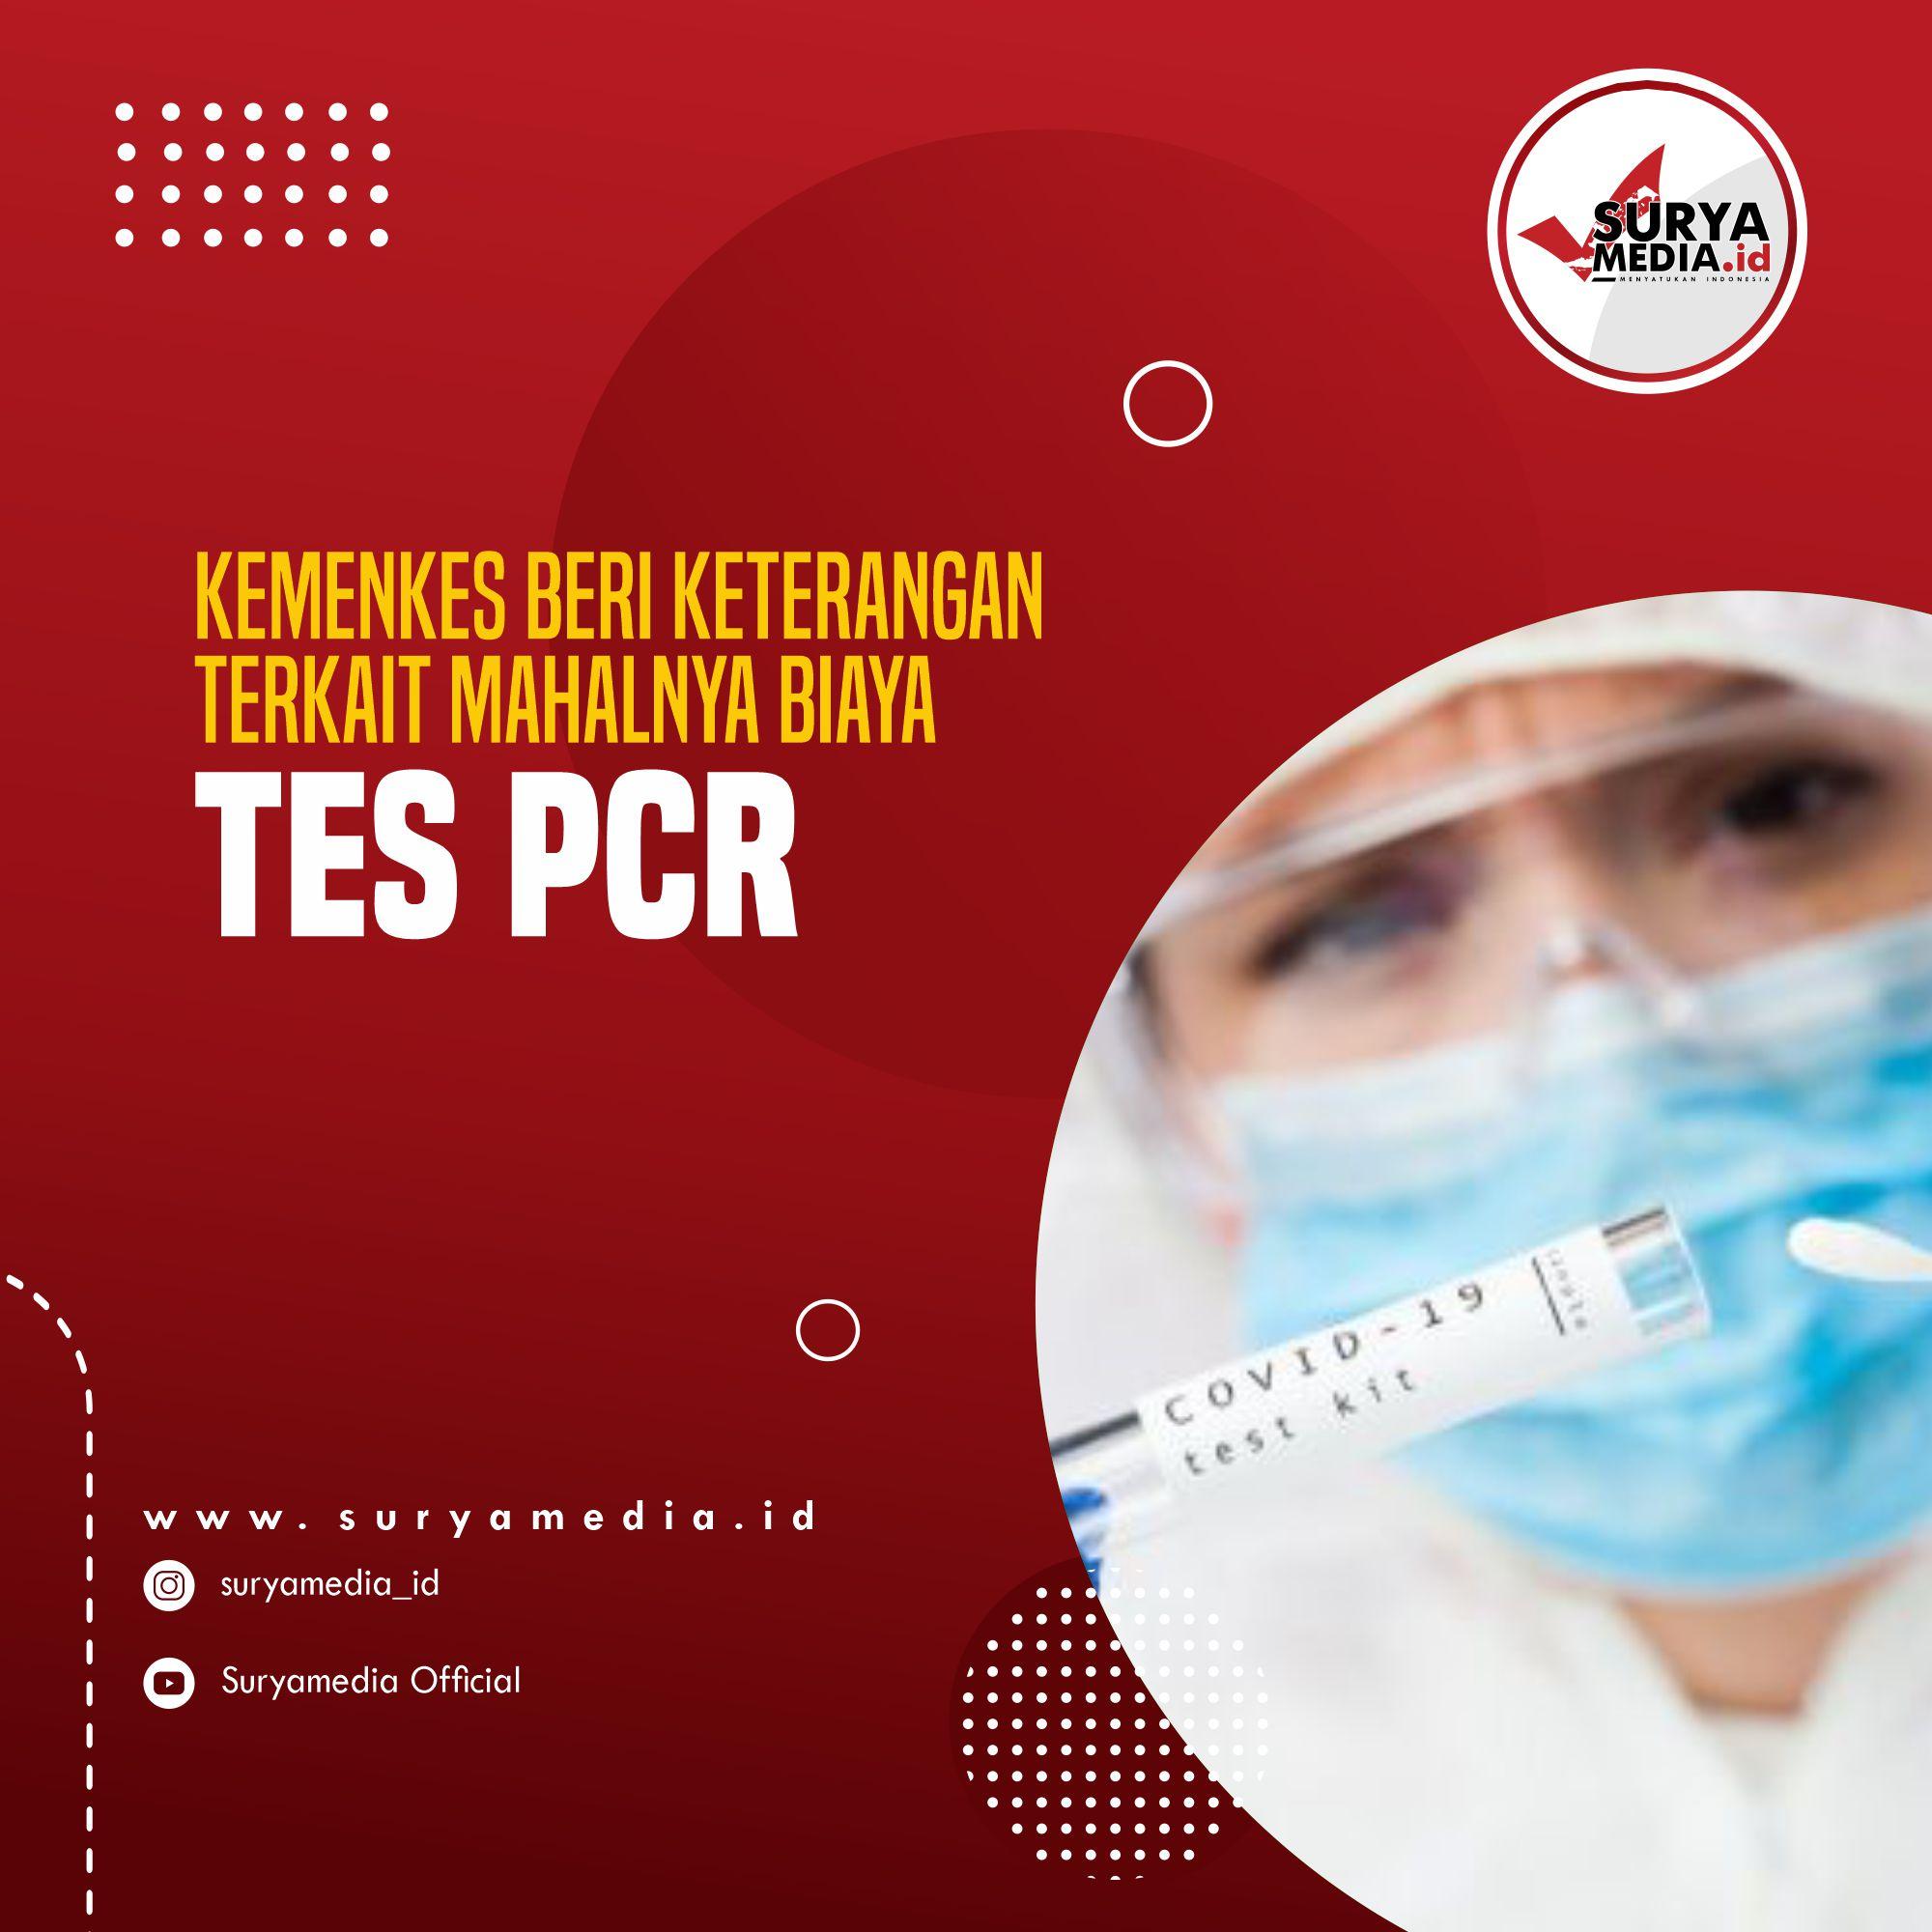 Kemenkes Beri Keterangan Terkait Mahalnya Biaya Tes PCR A